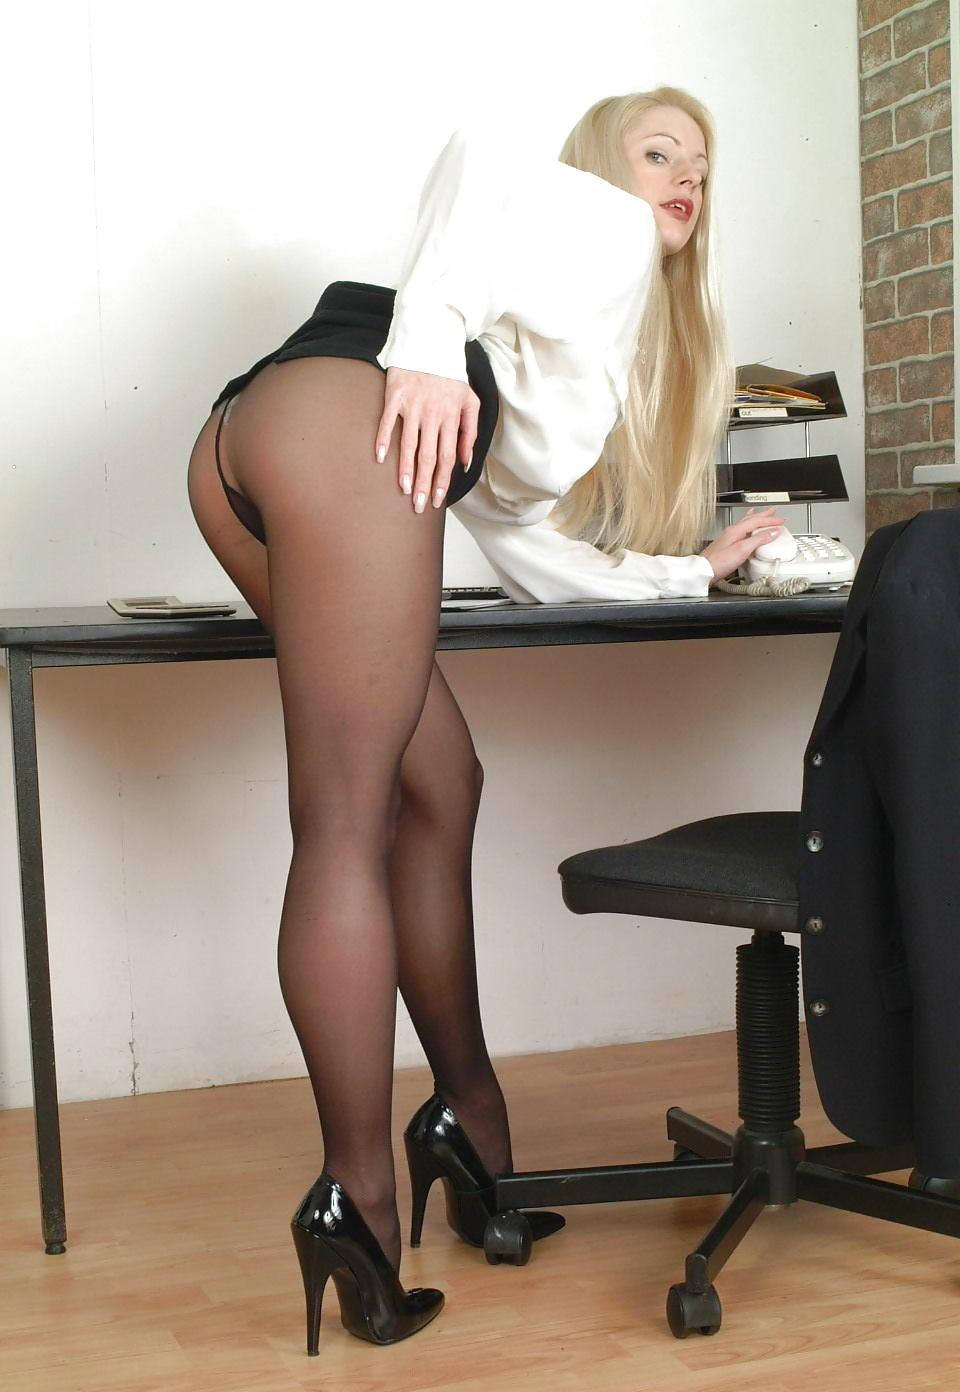 член фото как секретарша снимает черные колготки ссылкой